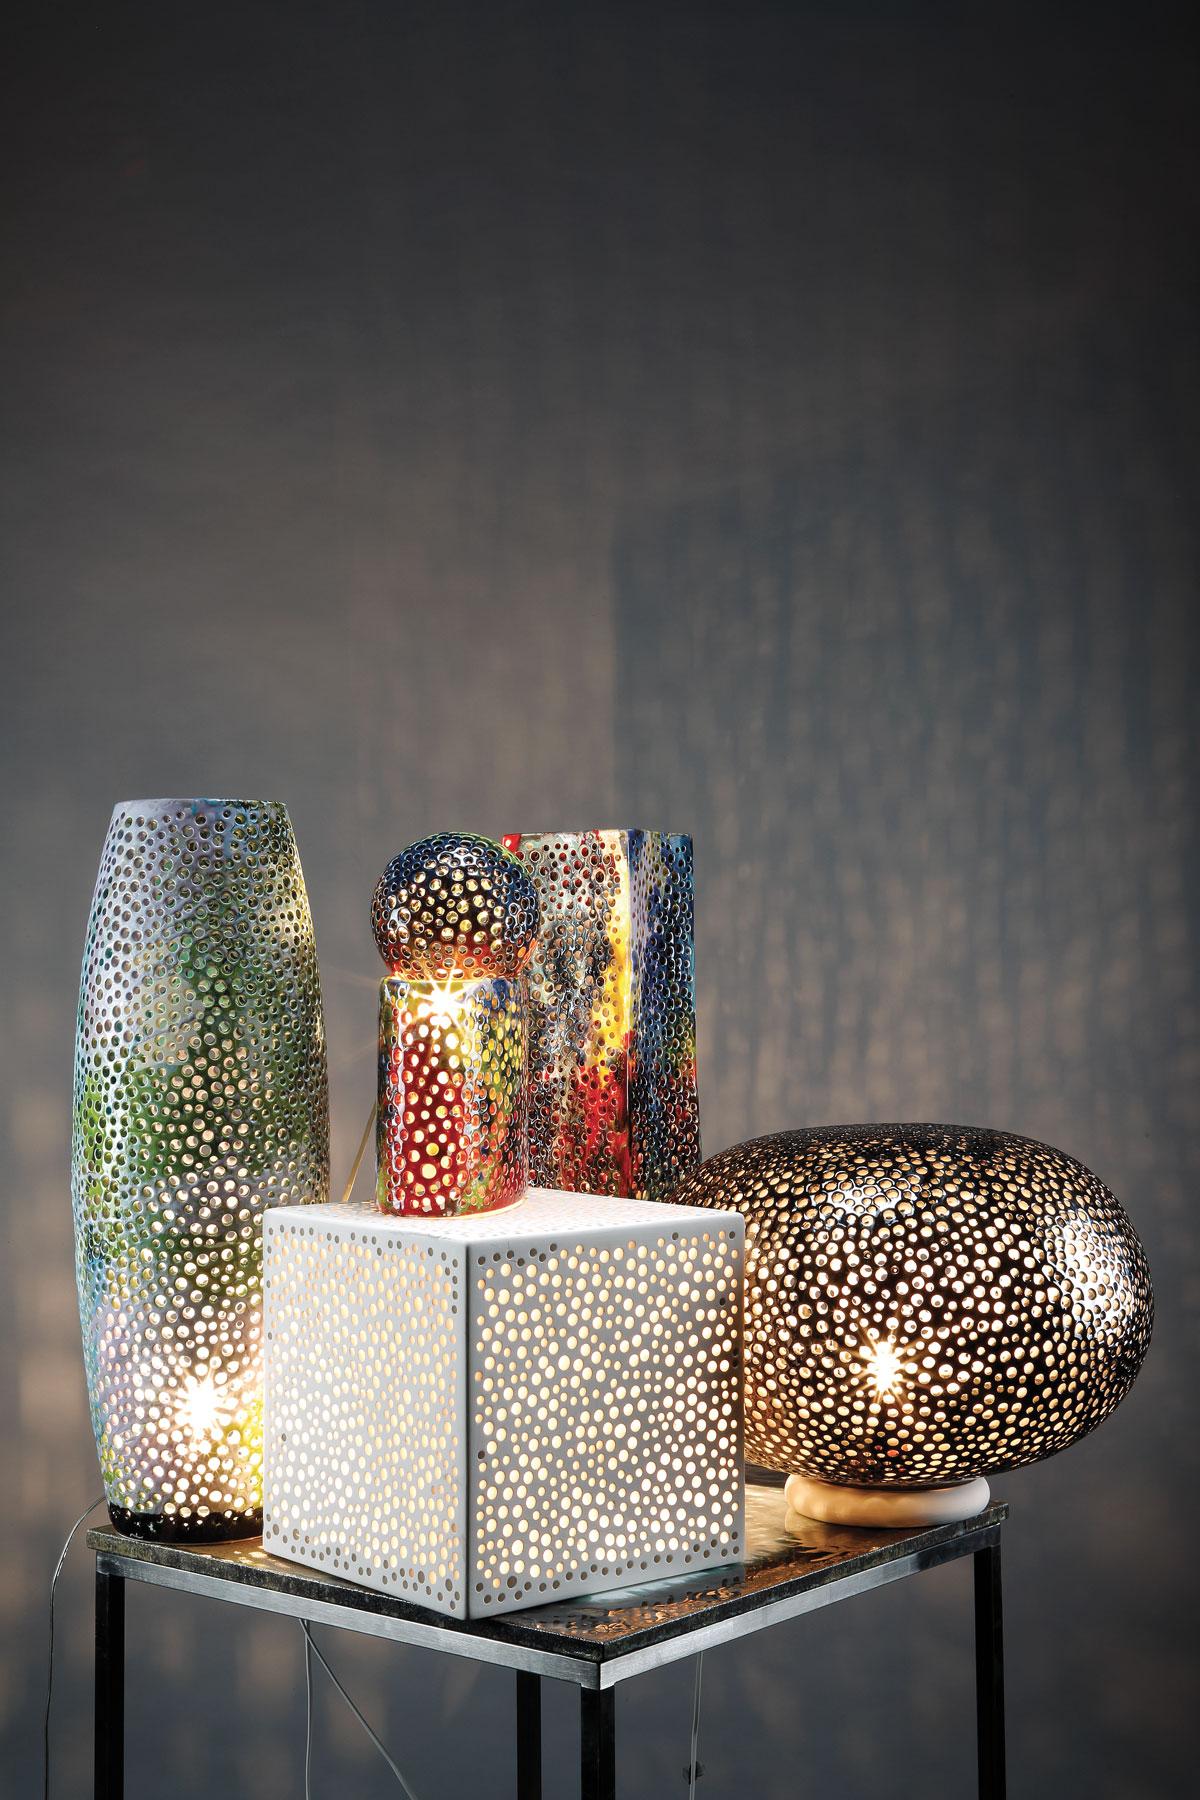 Lampade da tavolo lampade domiziani pietra lavica maiolicata e ceramica made in italy - Lampade da tavolo in ceramica ...